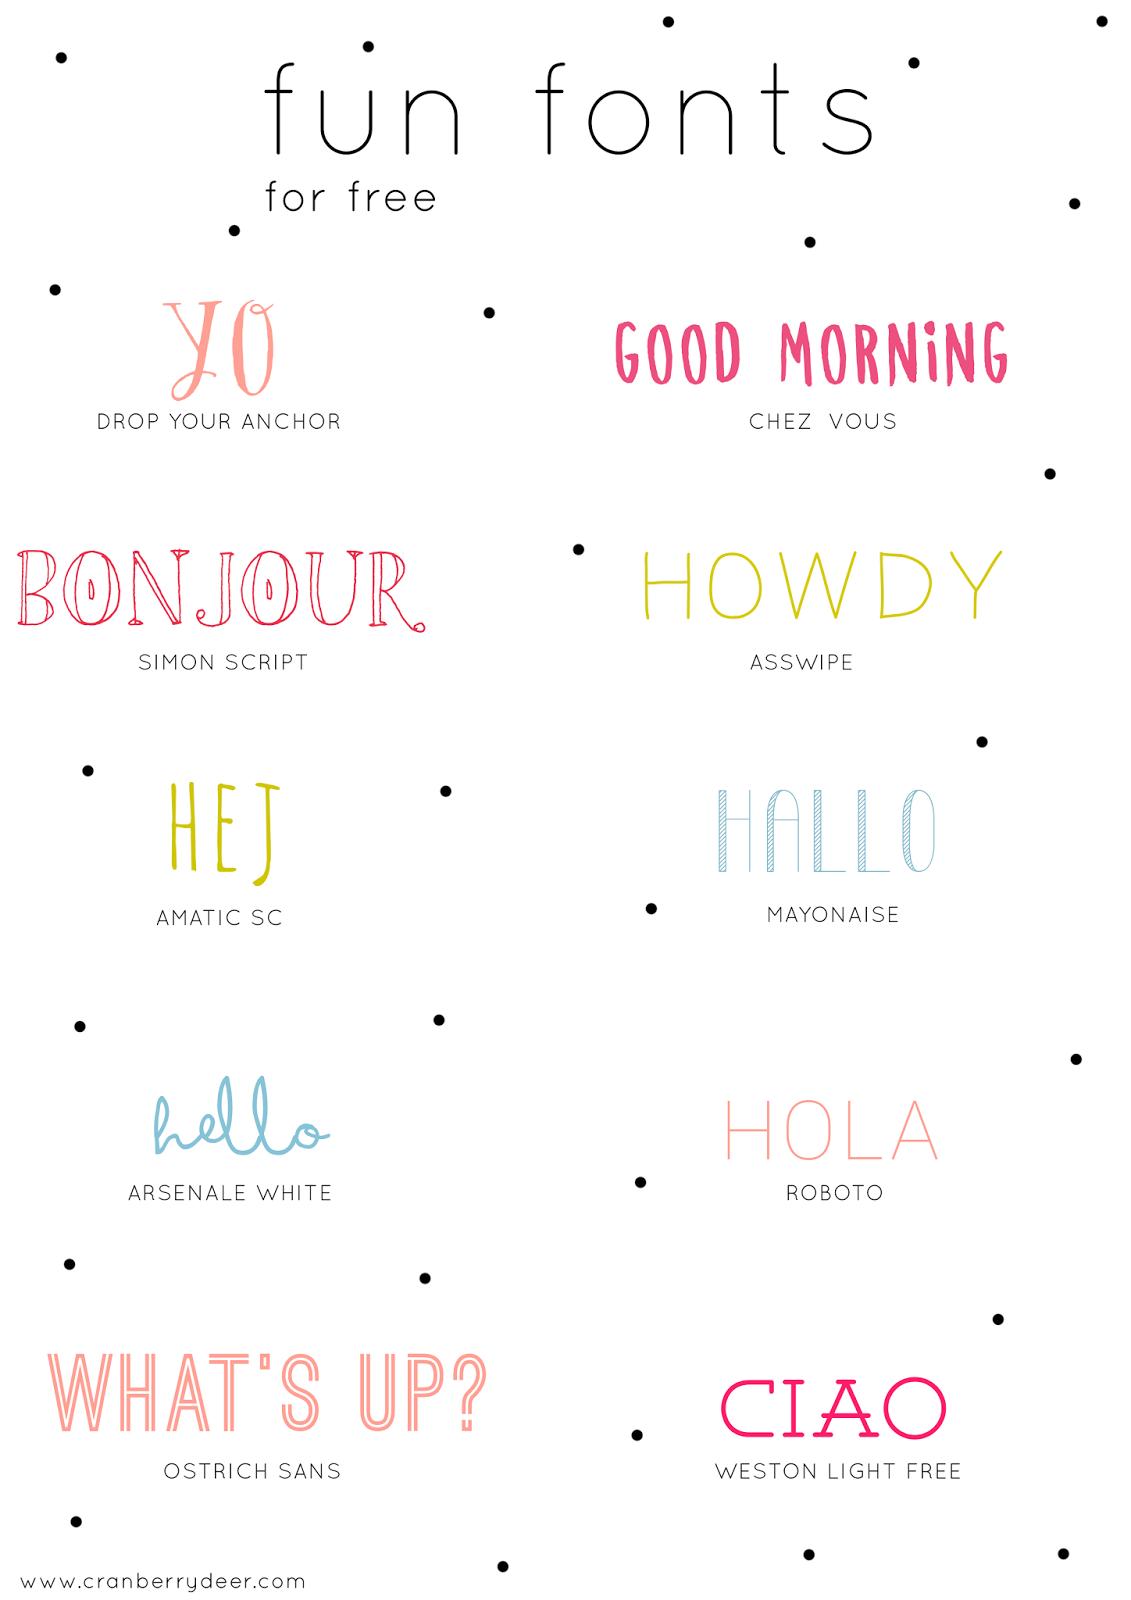 Cranberry Deer Fun Fonts